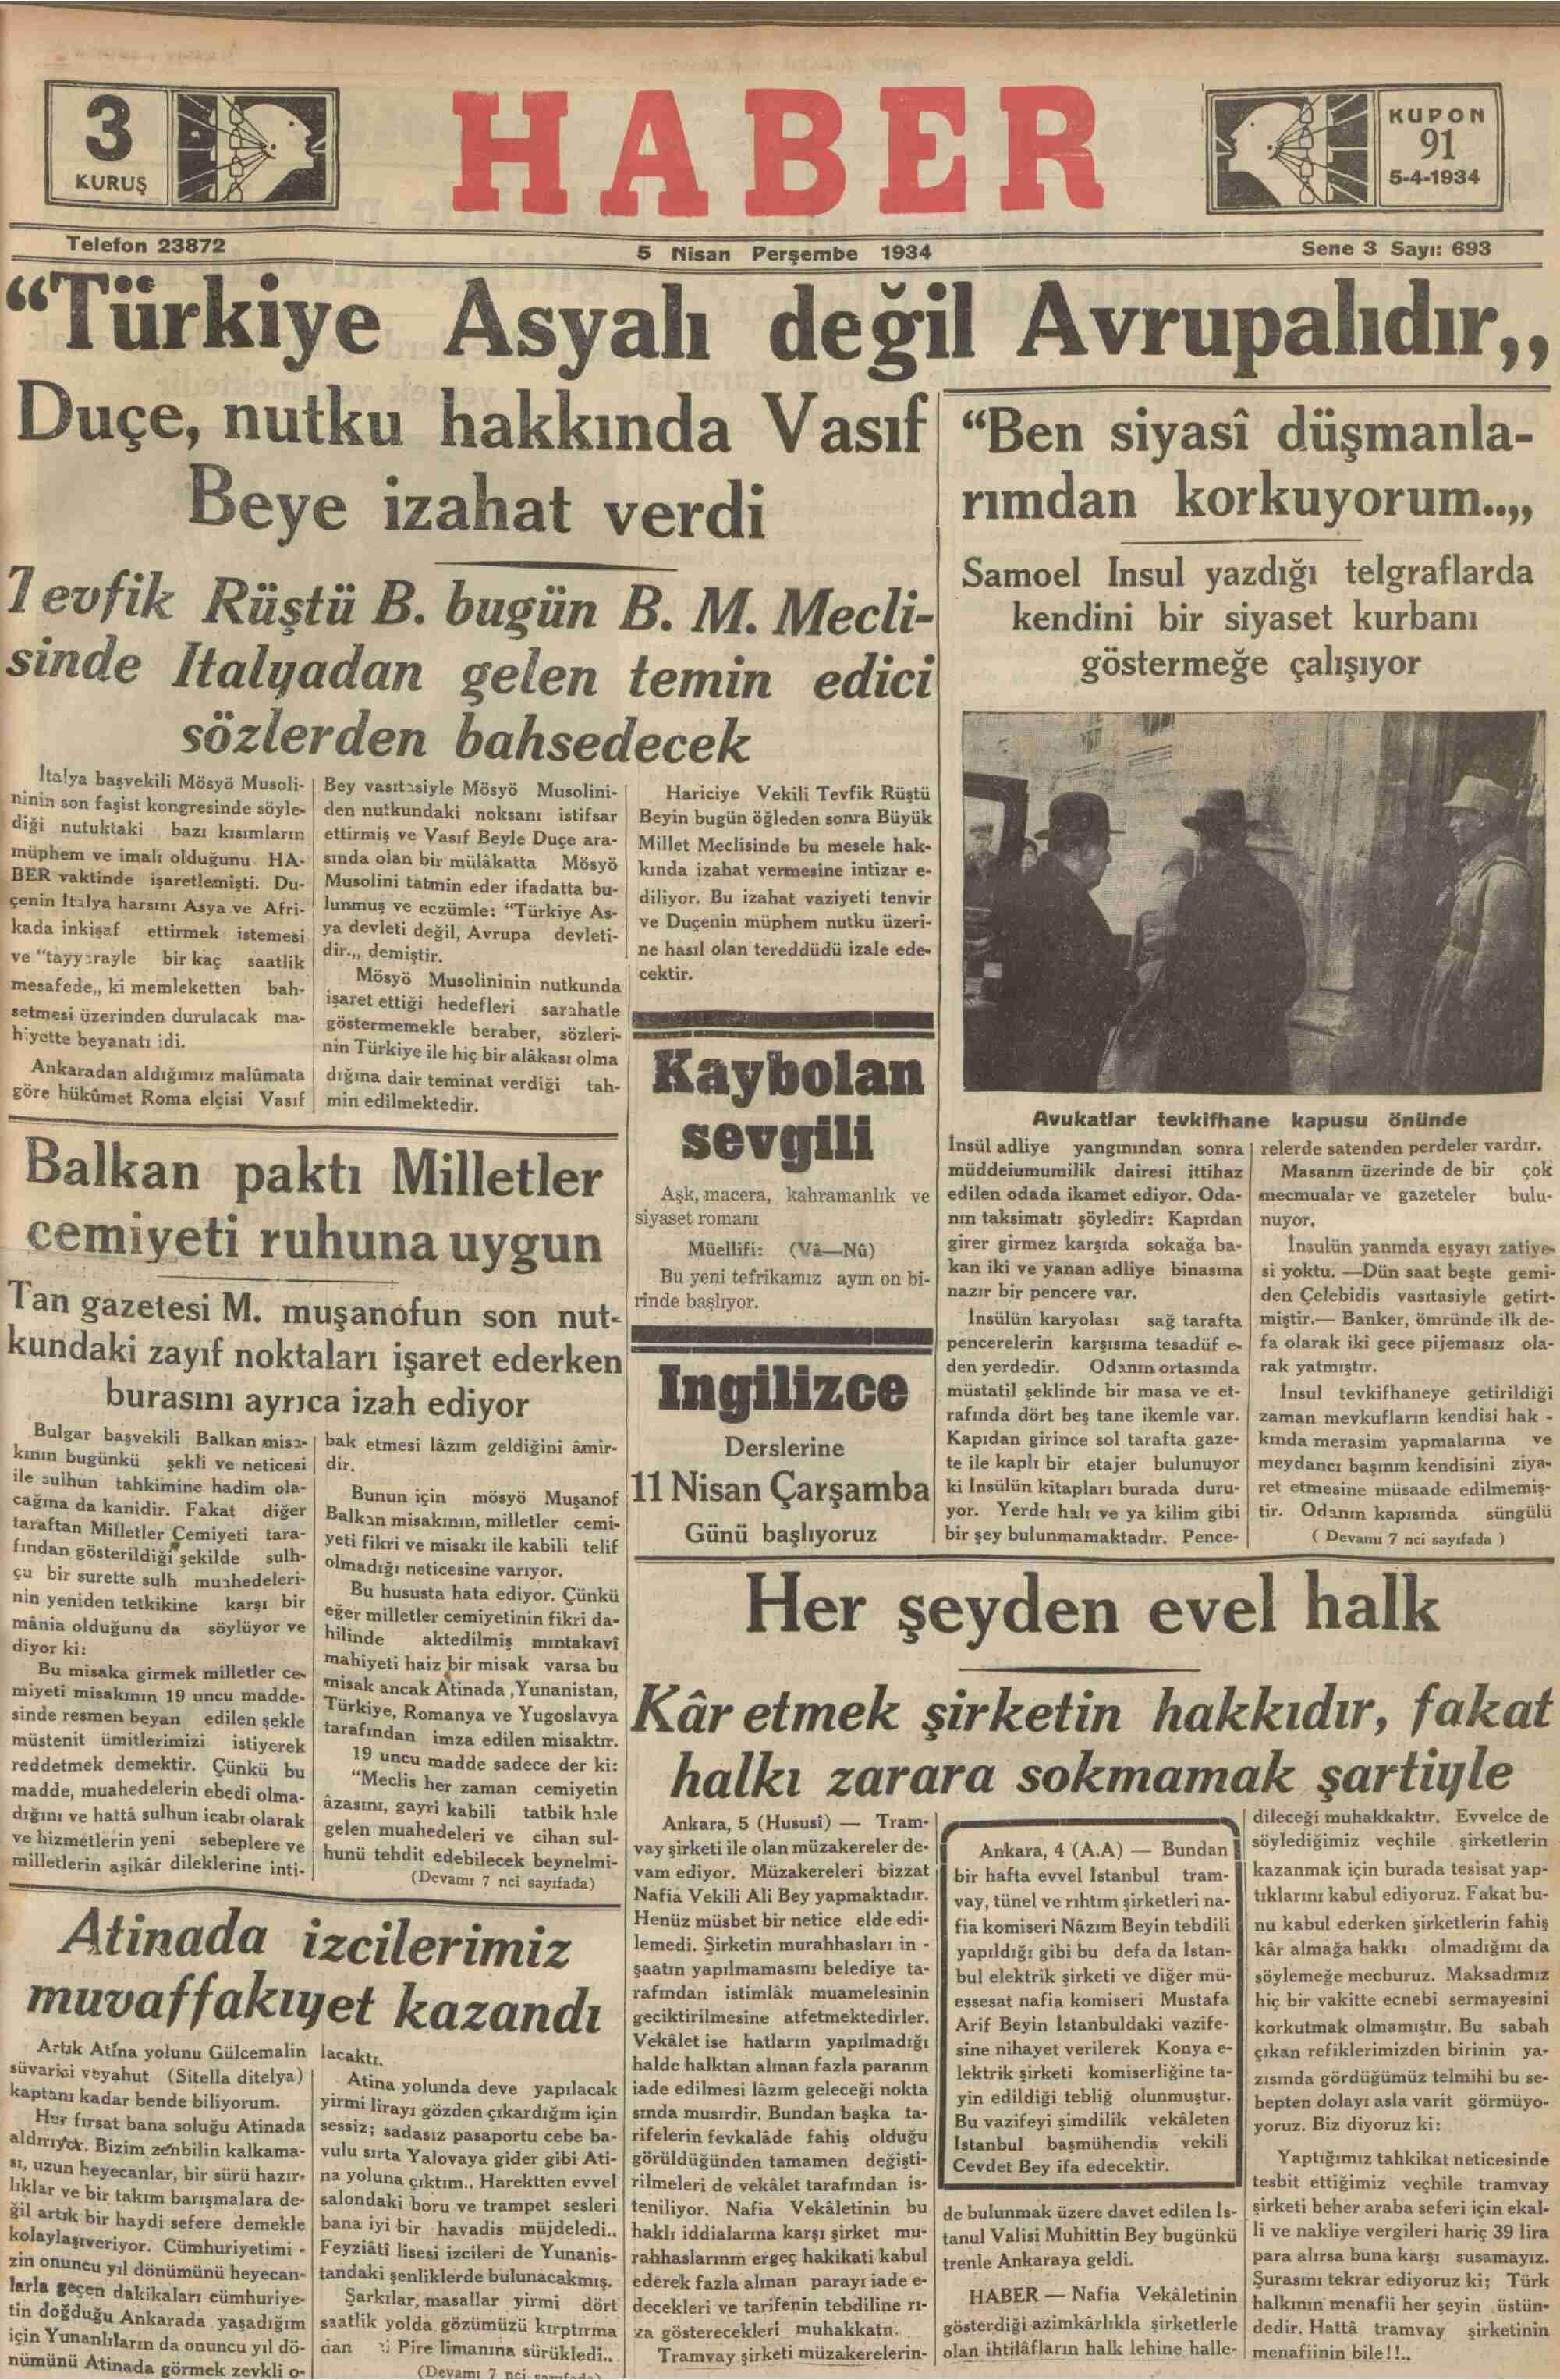 5 Nisan 1934 Tarihli Haber Gazetesi Sayfa 1